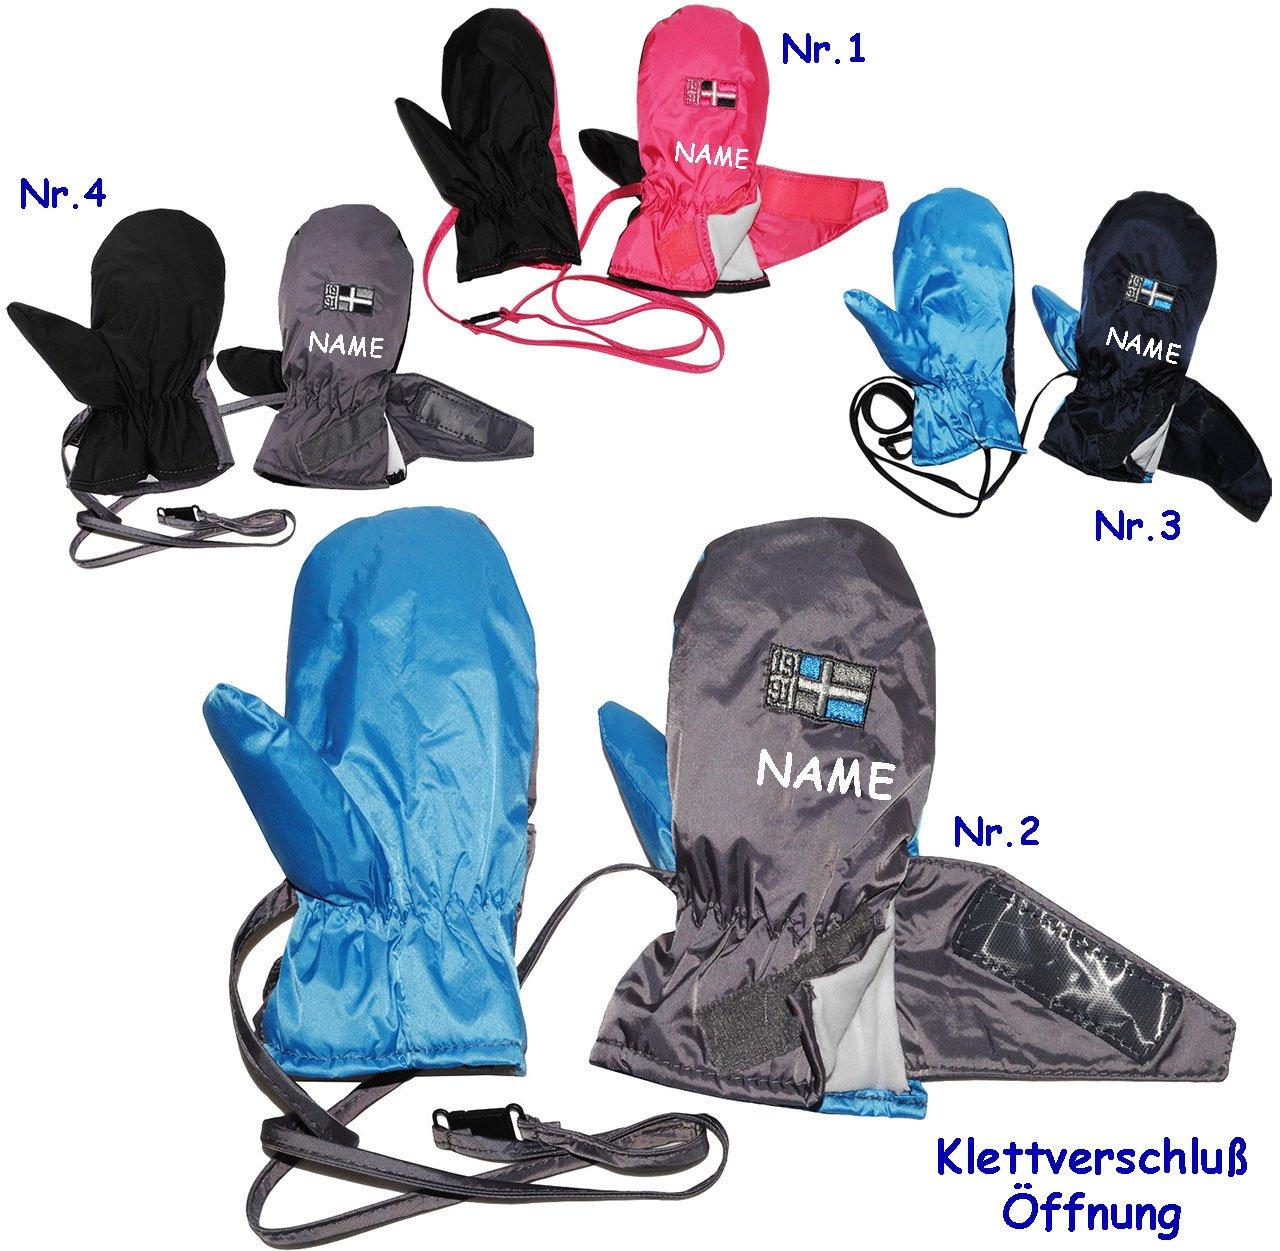 alles-meine.de GmbH Fäustlinge / Fausthandschuhe - Thermo - dunkel blau - Größe: 6 bis 12 Monate - incl. Name - LEICHT anzuziehen - mit Klettverschluß & langem Schaft - Baby ..